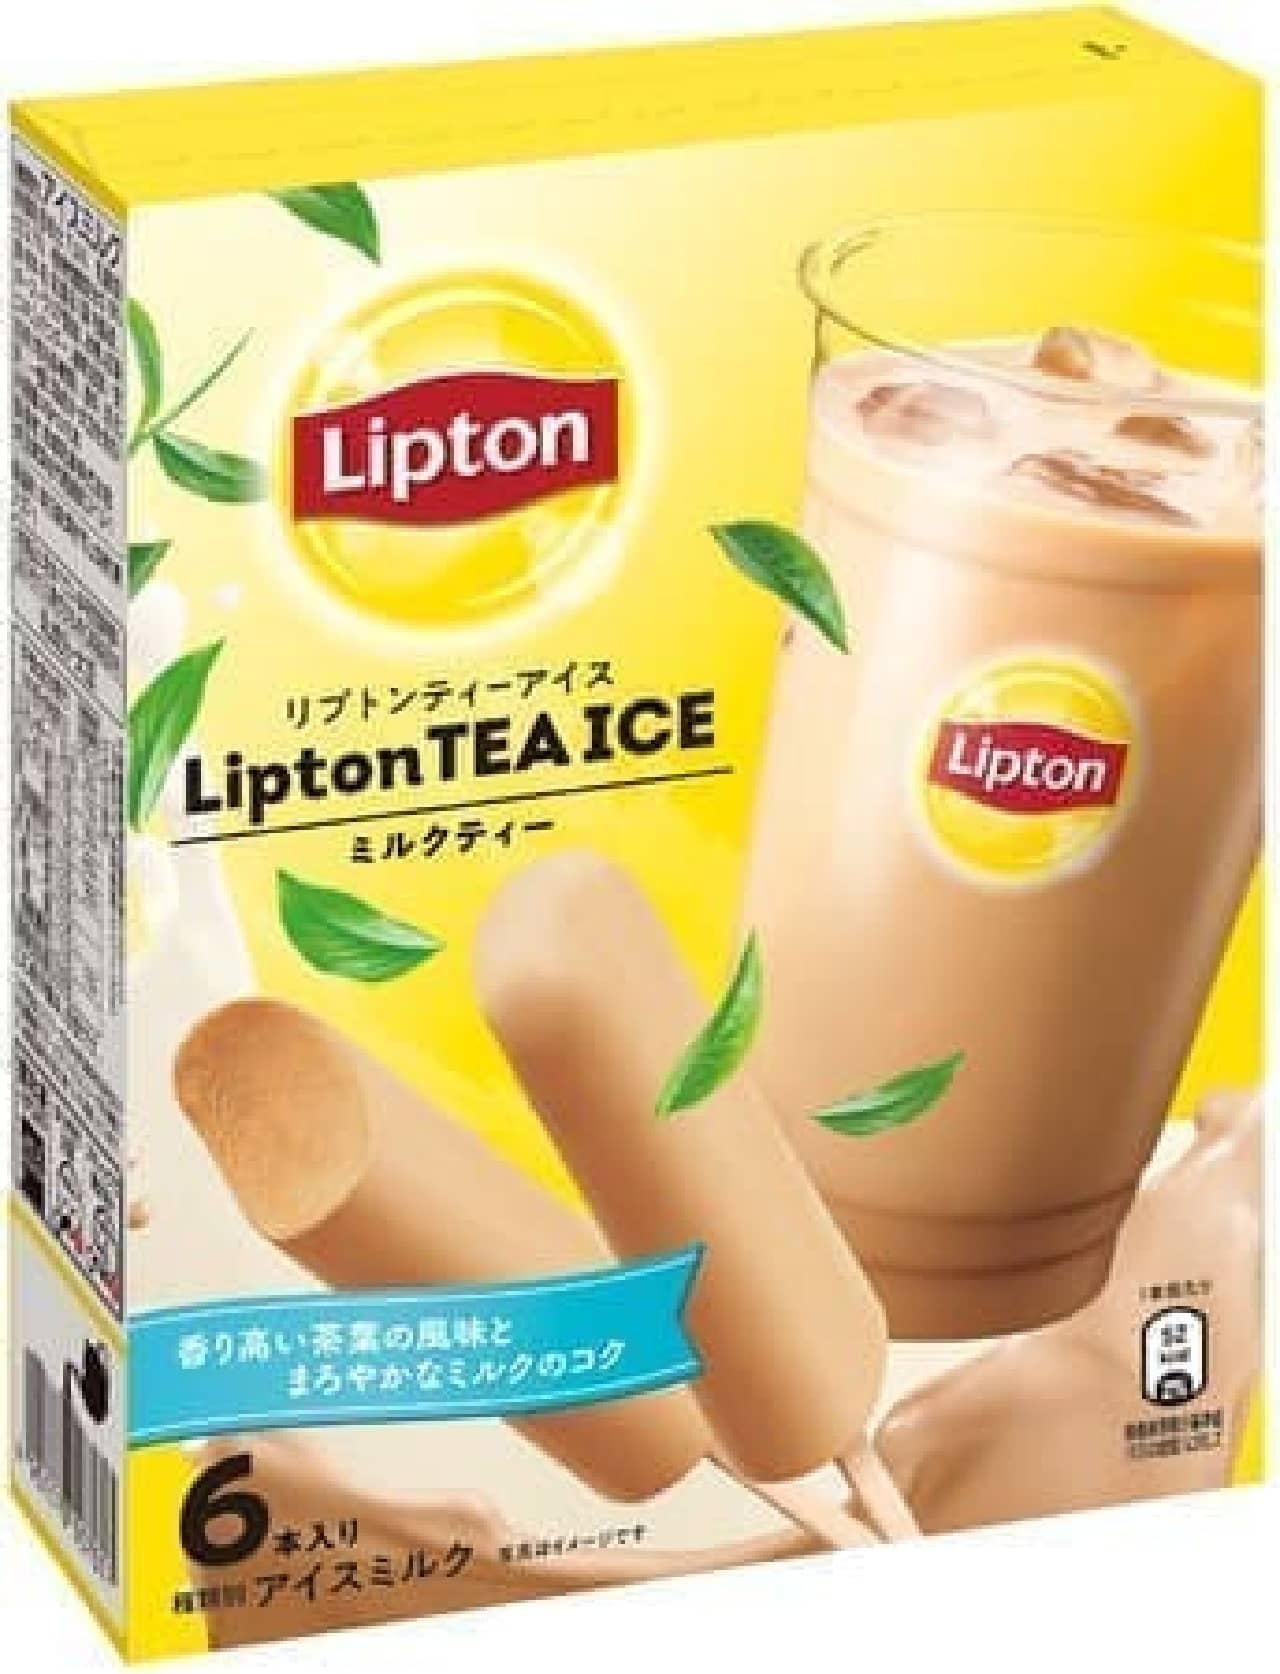 リプトンブランドの茶葉を使用したアイスのマルチパック「リプトンティーアイス ミルクティー」